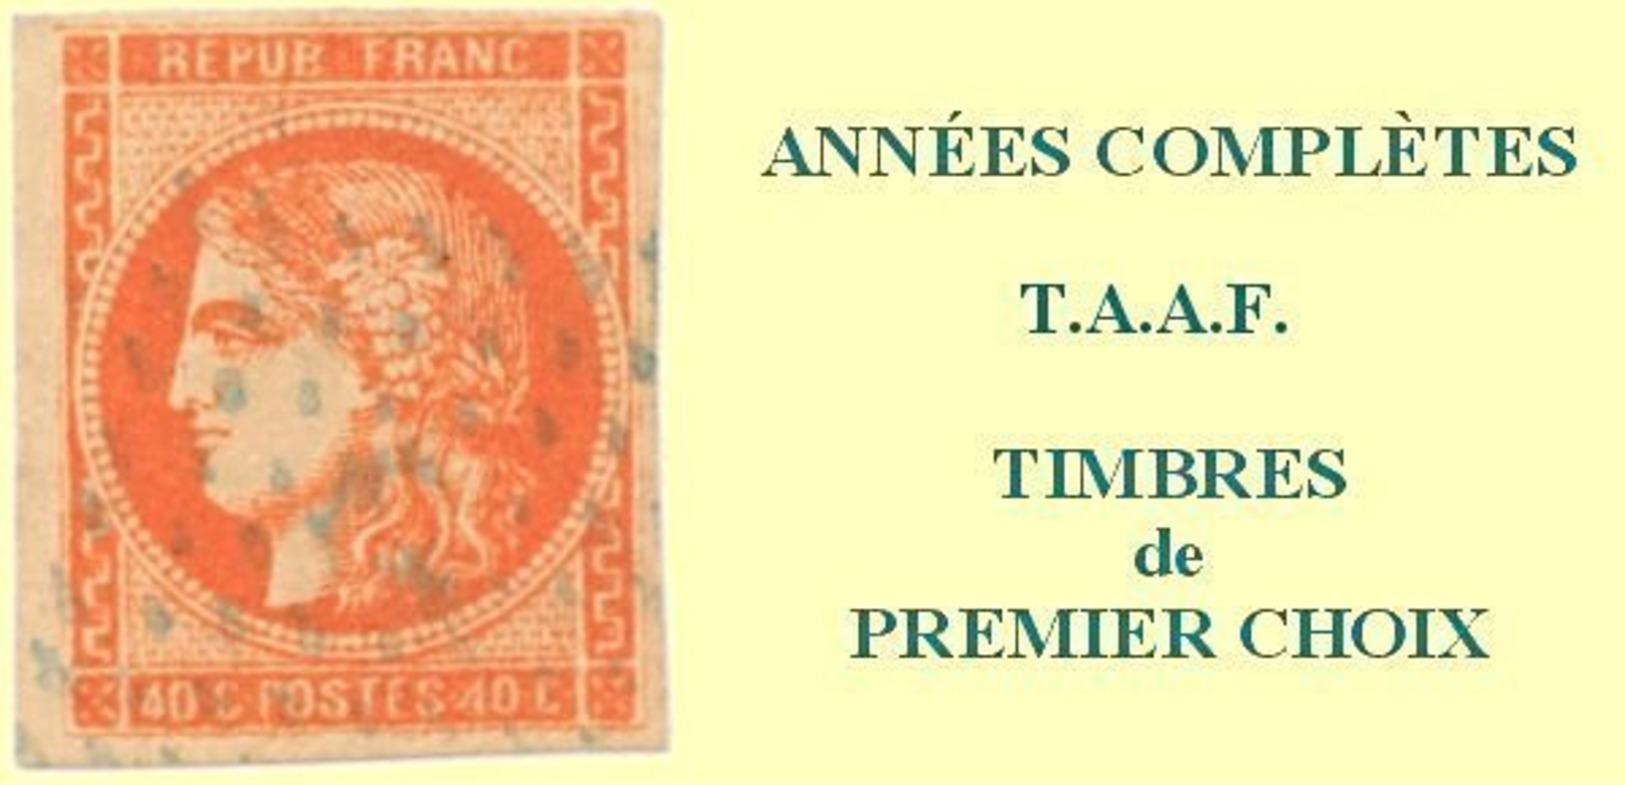 TAAF, Année Complète 1990**, Poste N°148 à N°154, P.A. N°110 à N°114 Y & T - Französische Süd- Und Antarktisgebiete (TAAF)